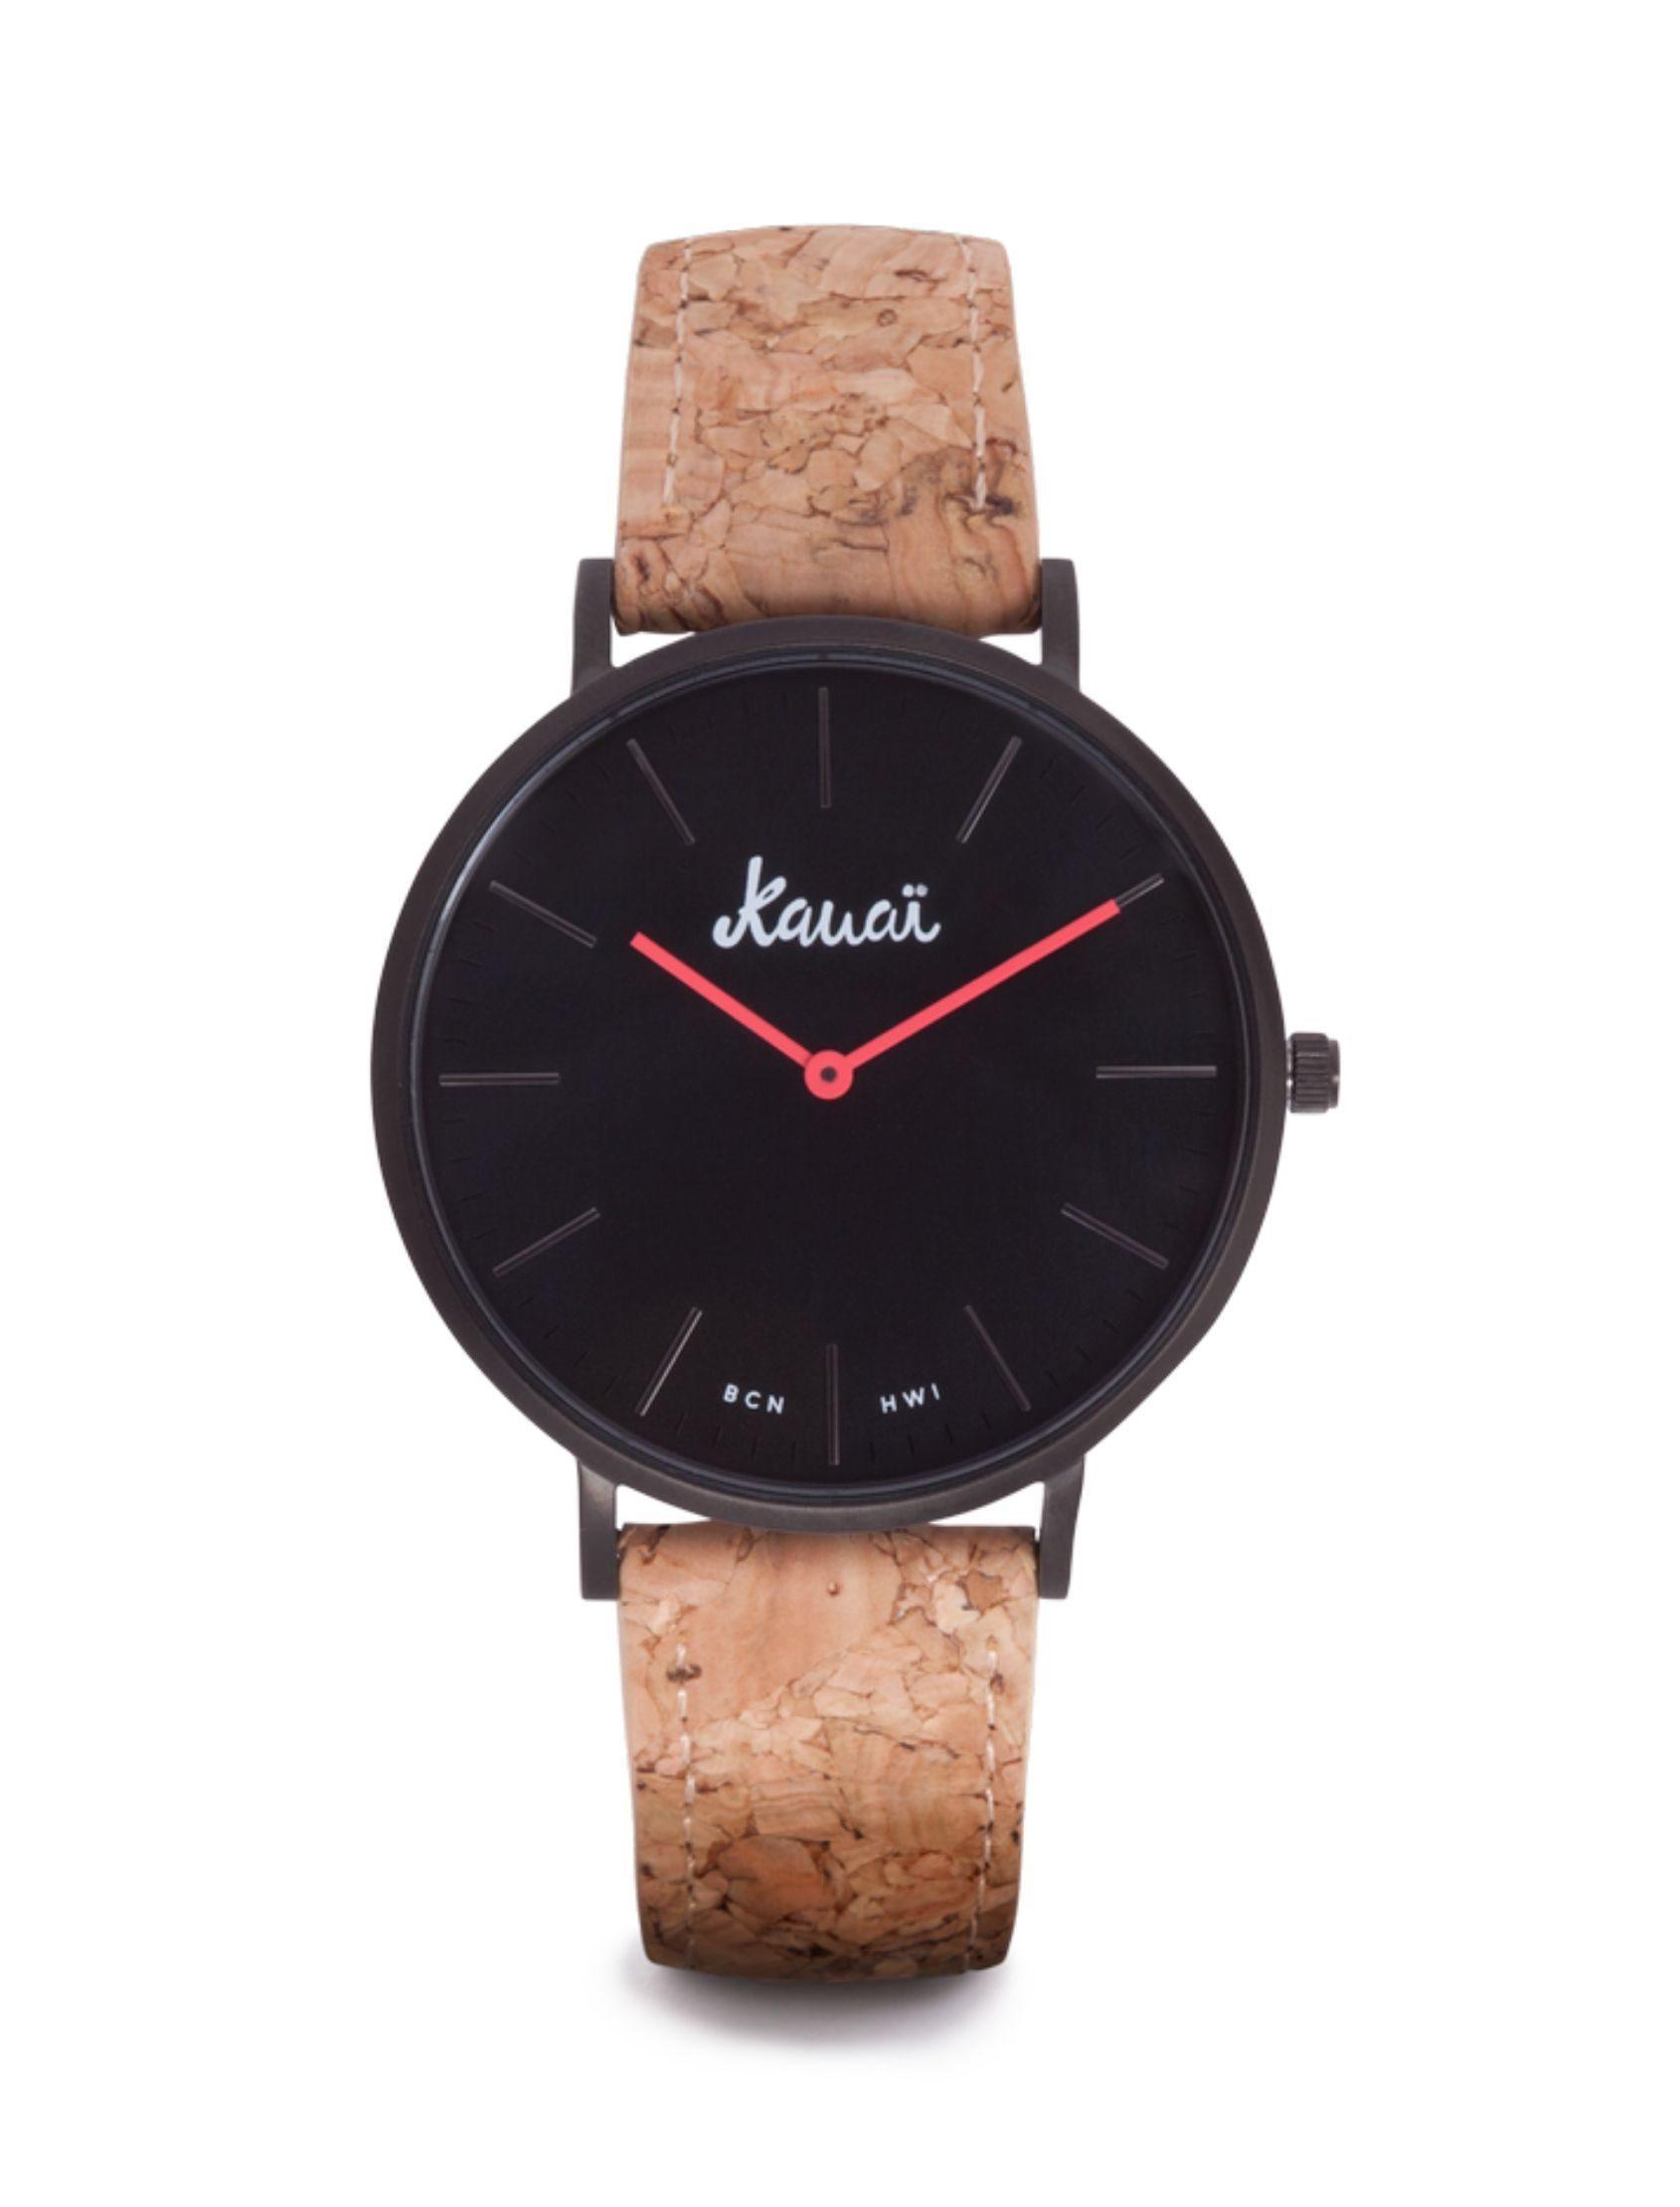 reloj aloha black de kauai watches con esfera negra y agujas rojas. Correa de corcho